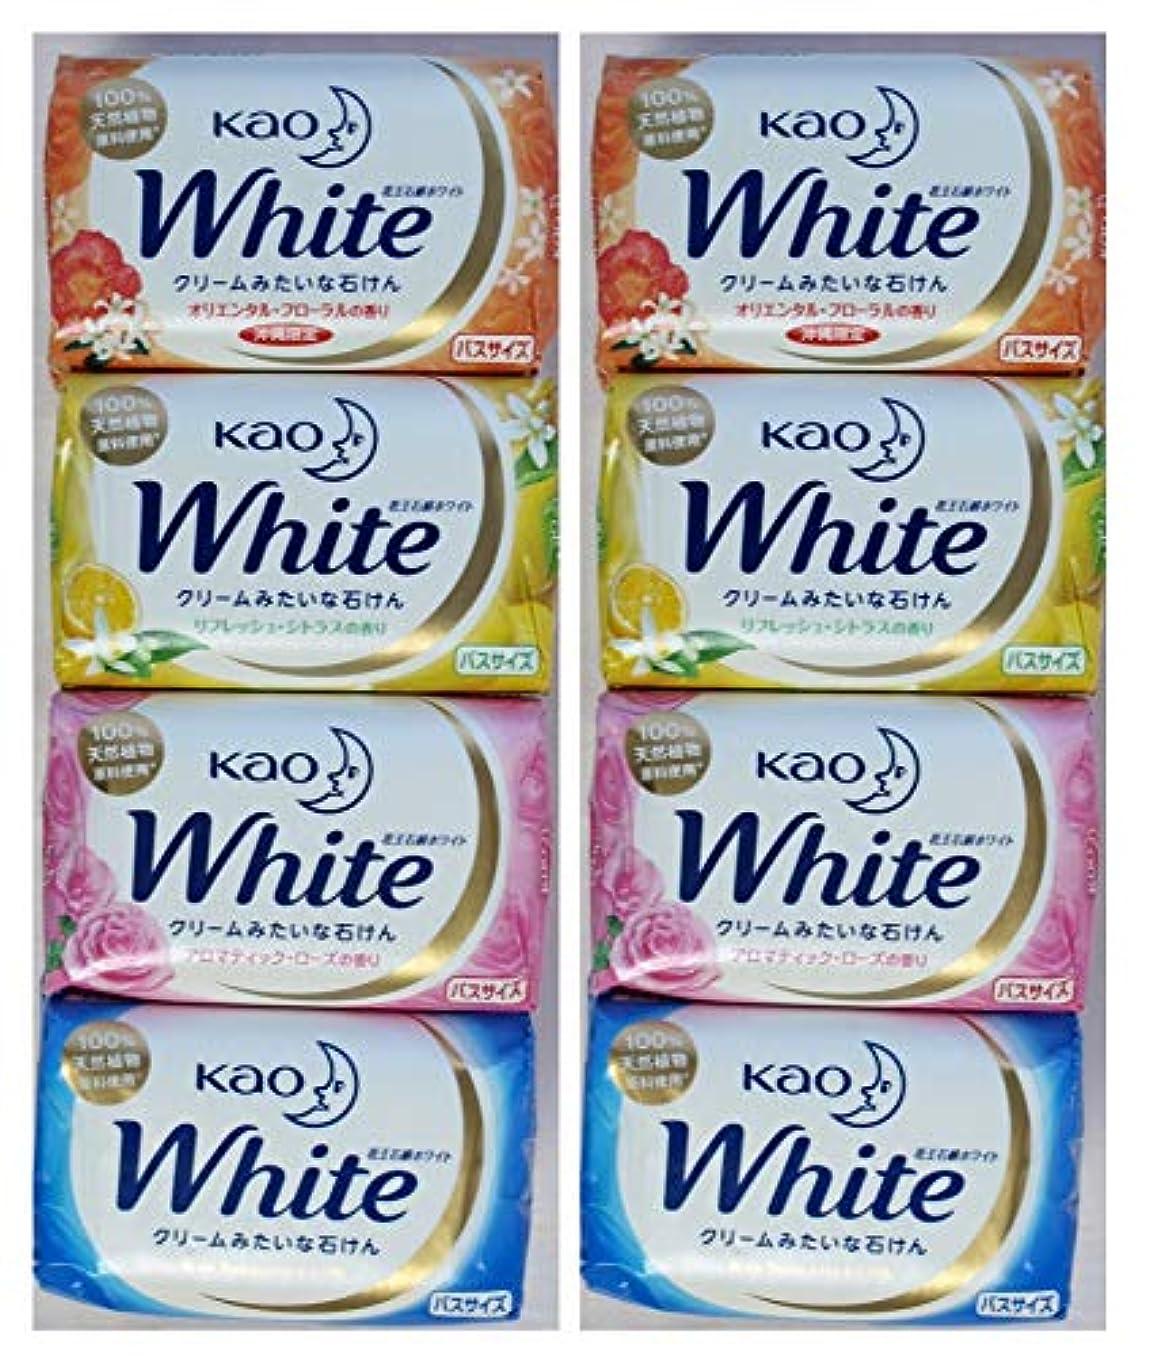 クローゼット暴露から561988-8P 花王 Kao 石けんホワイト 4つの香り(オリエンタルフローラル/ホワイトフローラル/アロマティックローズ/リフレッシュシトラスの4種) 130g×4種×2set 計8個